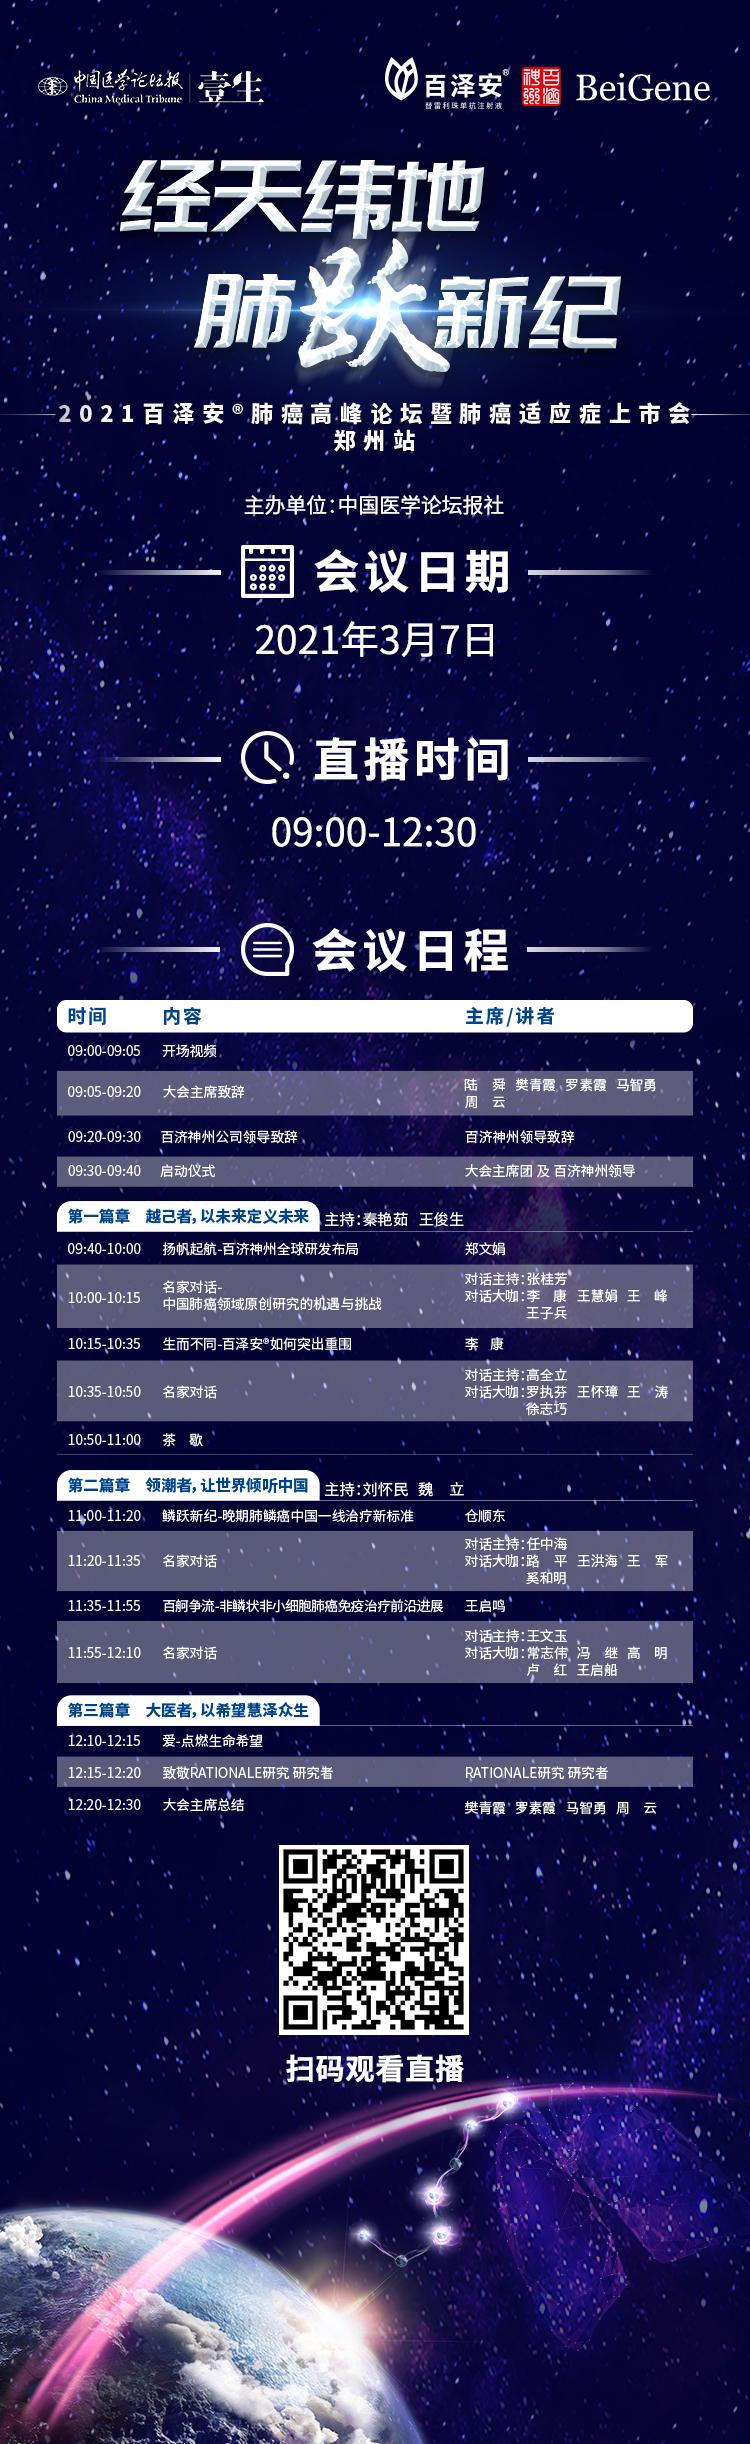 郑州 竖版海报 新.png